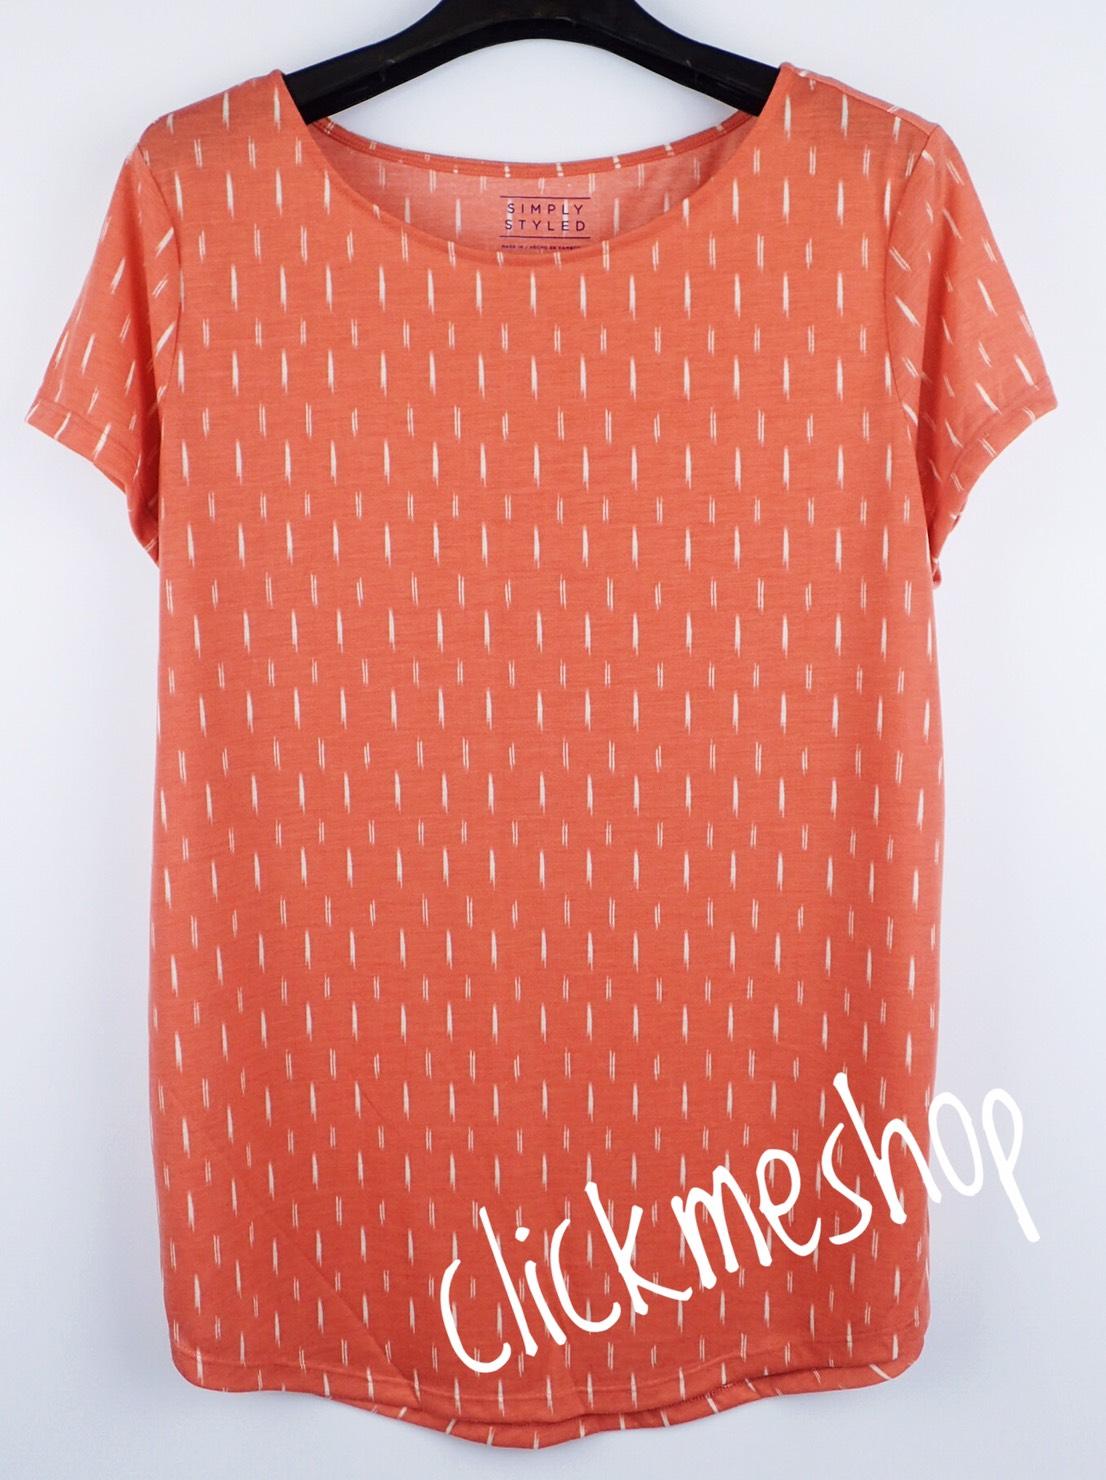 (ไซส์ L หน้าอก 42-44 นิ้ว) เสื้อยืดผ้านิ่ม สีส้มลายธนู ยี่ห้อ simply คอปาดหน่อยๆน่ารักคะ